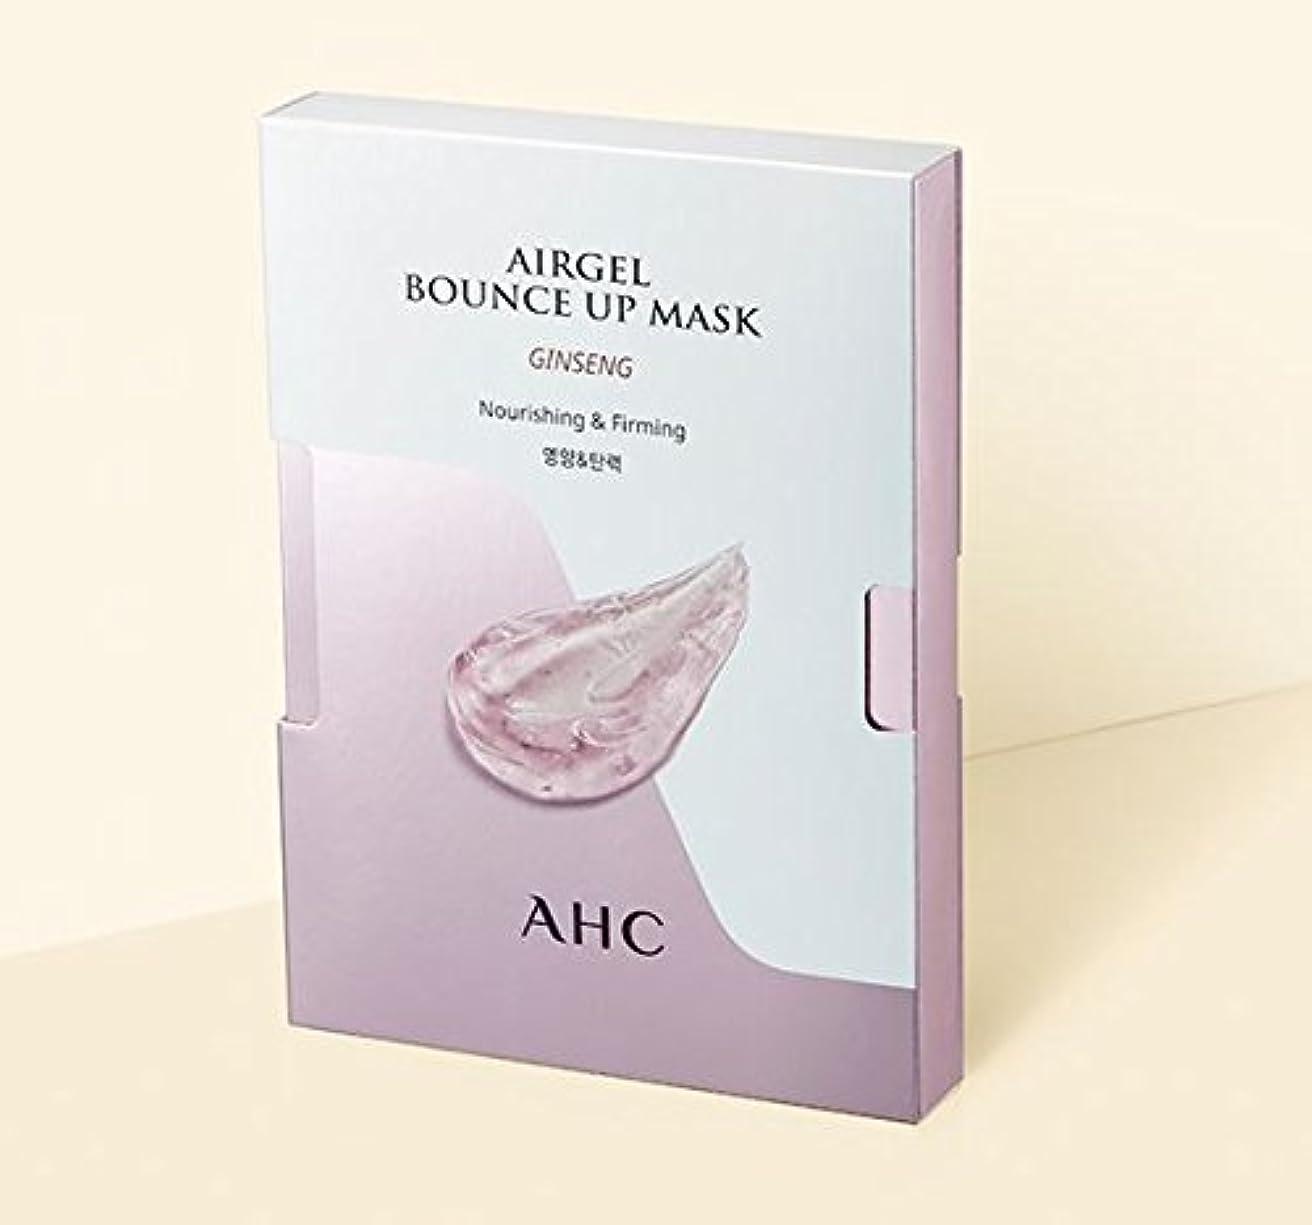 徹底的に構造器用[A.H.C] Airgel Bounce Up Mask GINSENG (Nourishing&Firming)30g*5sheet/ジンセンエアゲルマスク30g*5枚 [並行輸入品]